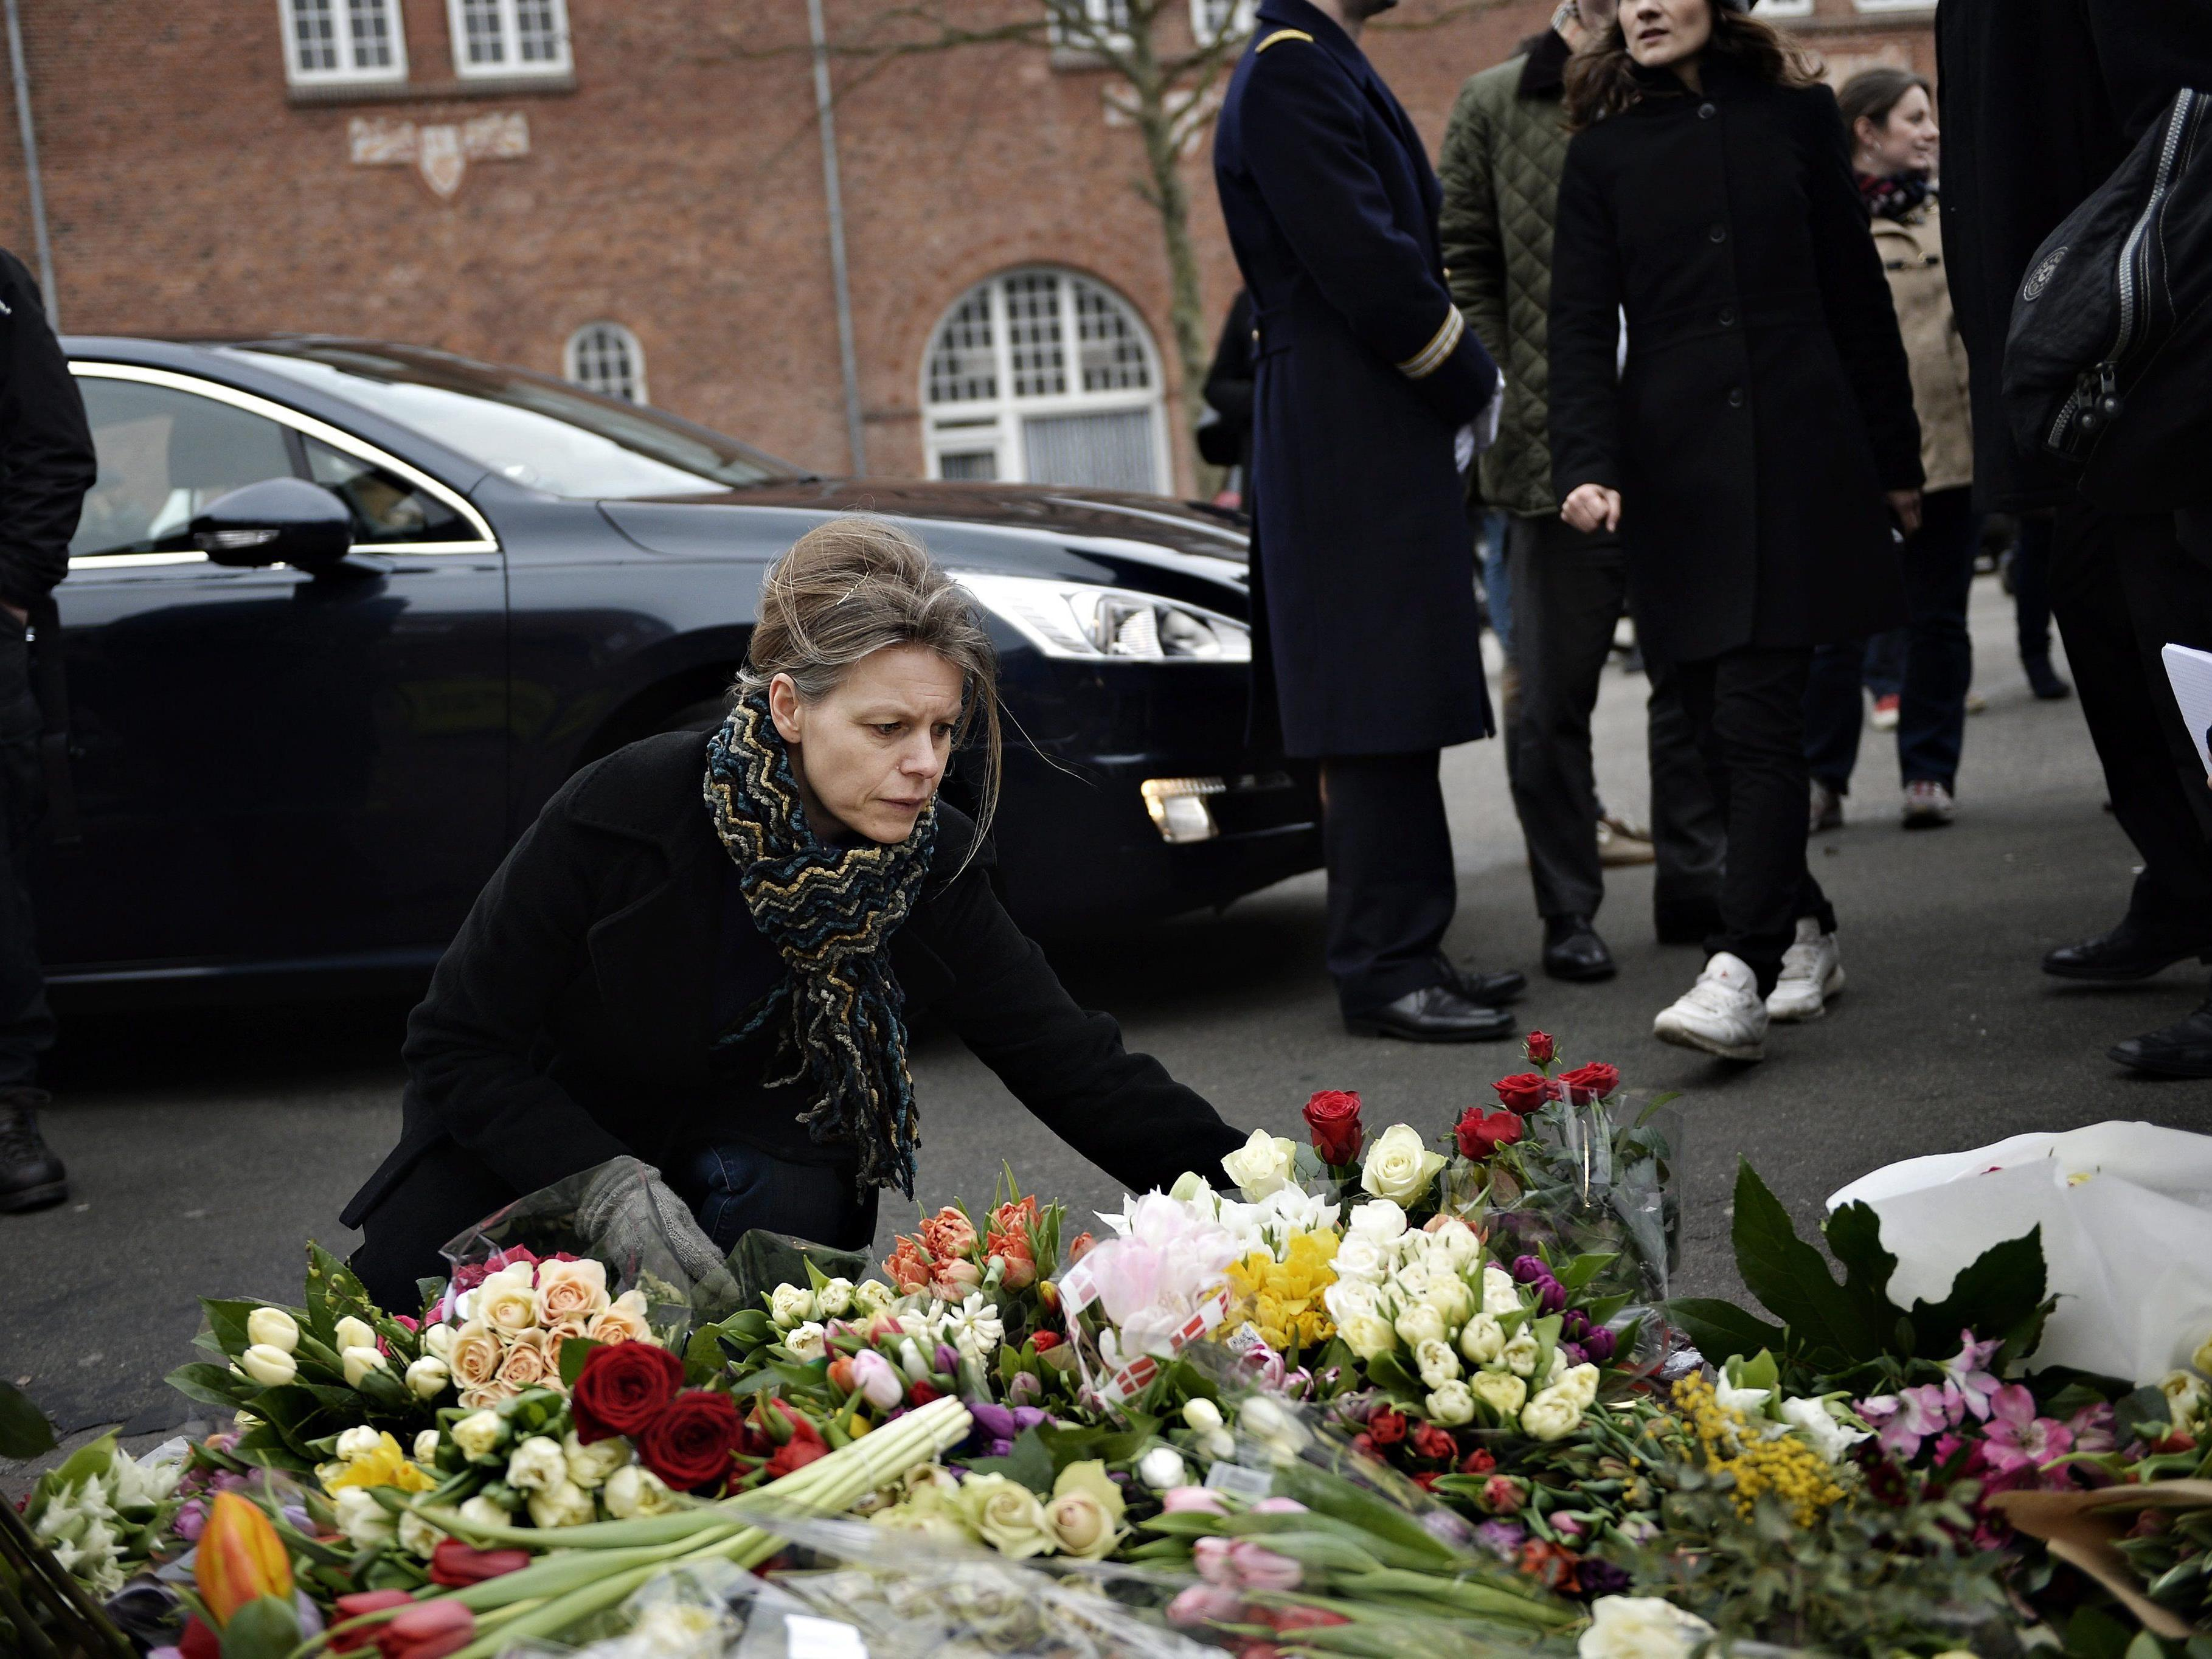 Eine Frau legt Blumen vor der Synagoge nieder, in der ein Wachmann erschossen wurde.